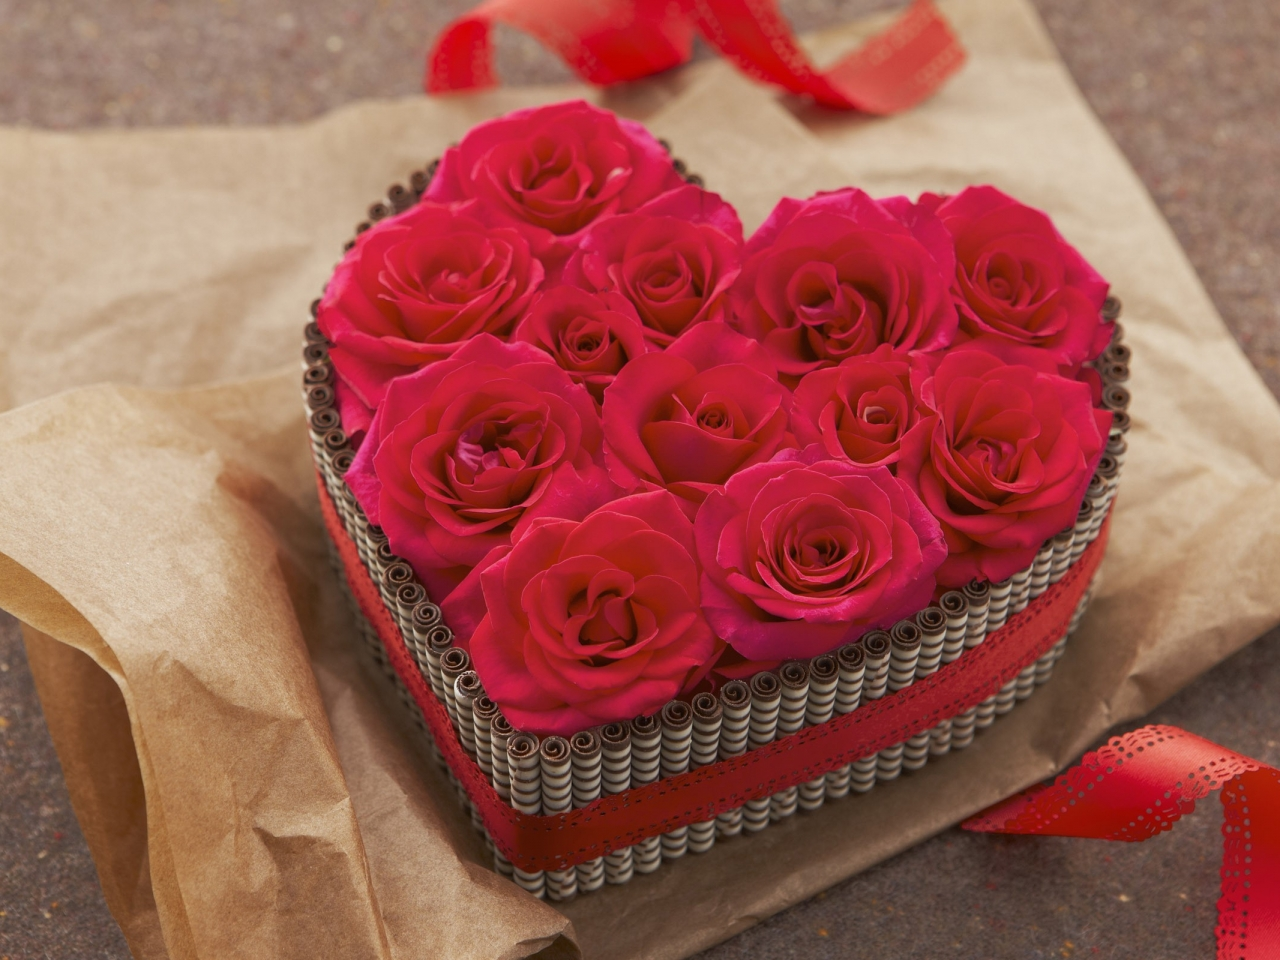 Regalo de rosas - 1280x960